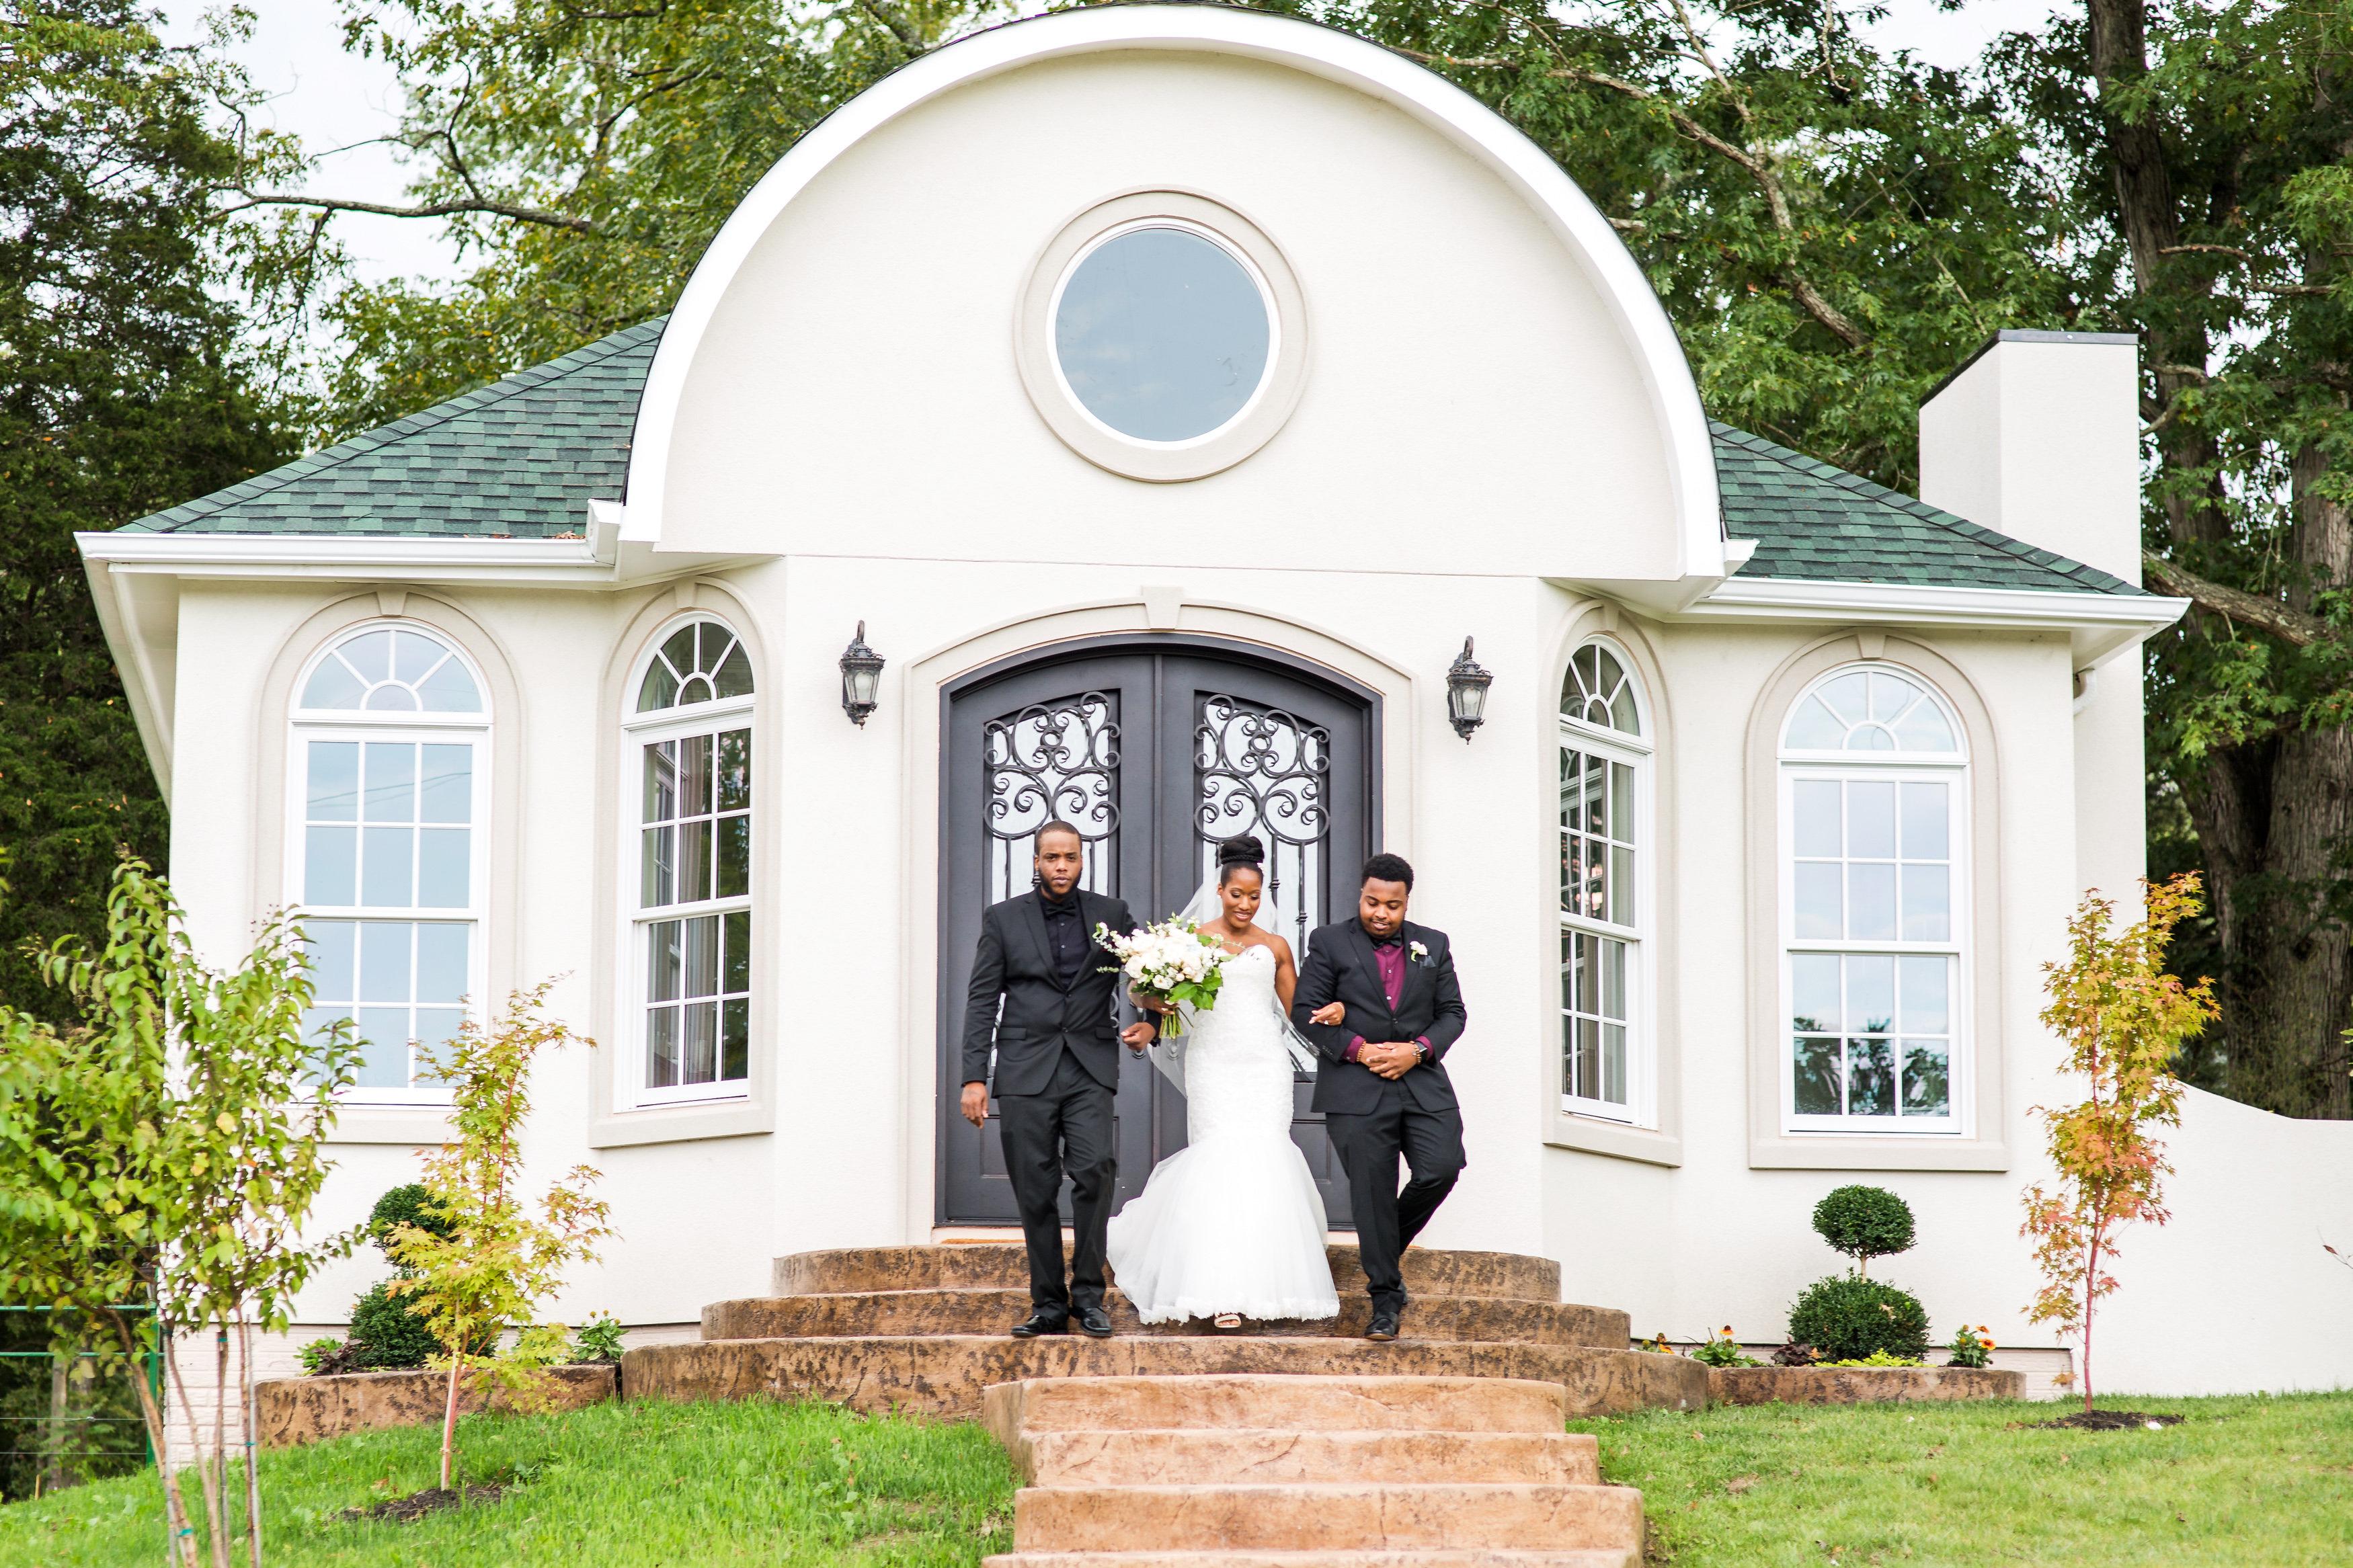 kenisha wendall wedding ceremony entrance stairs